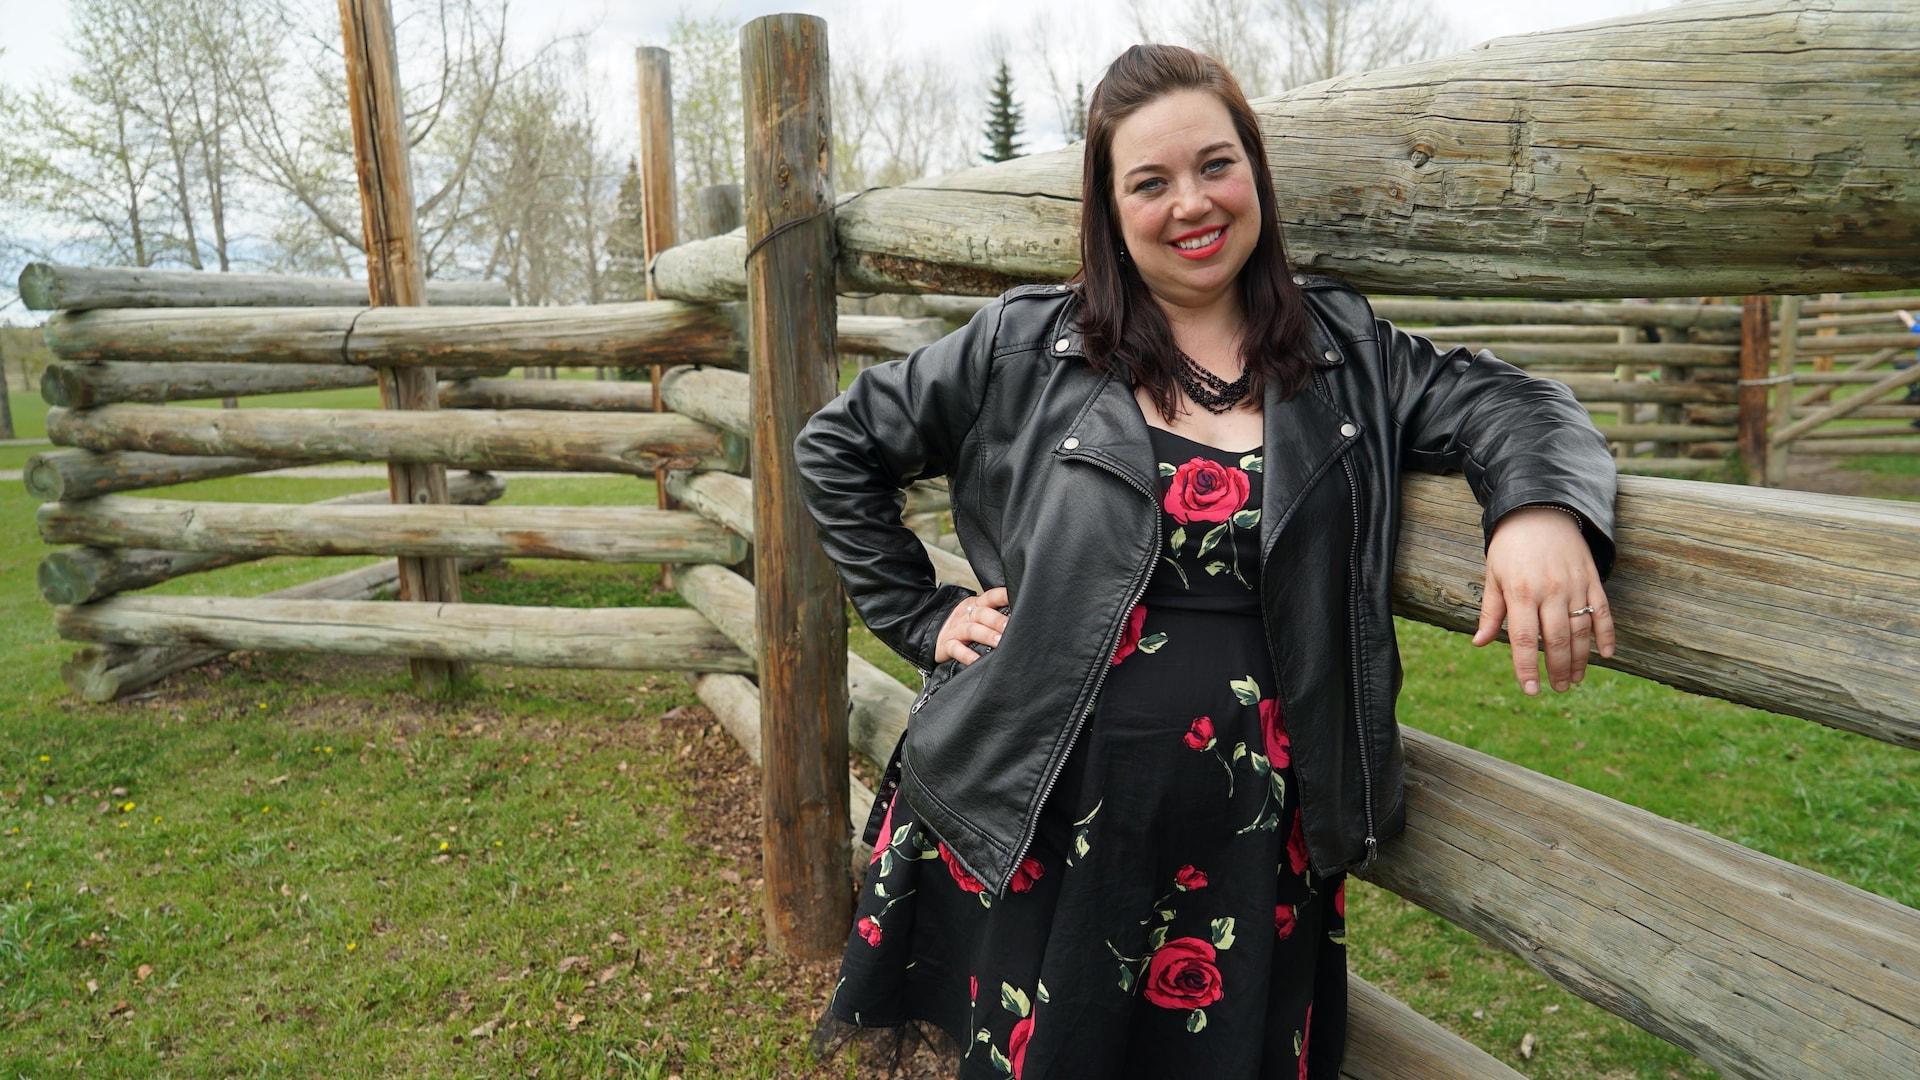 Une femme accotée à une clôture.